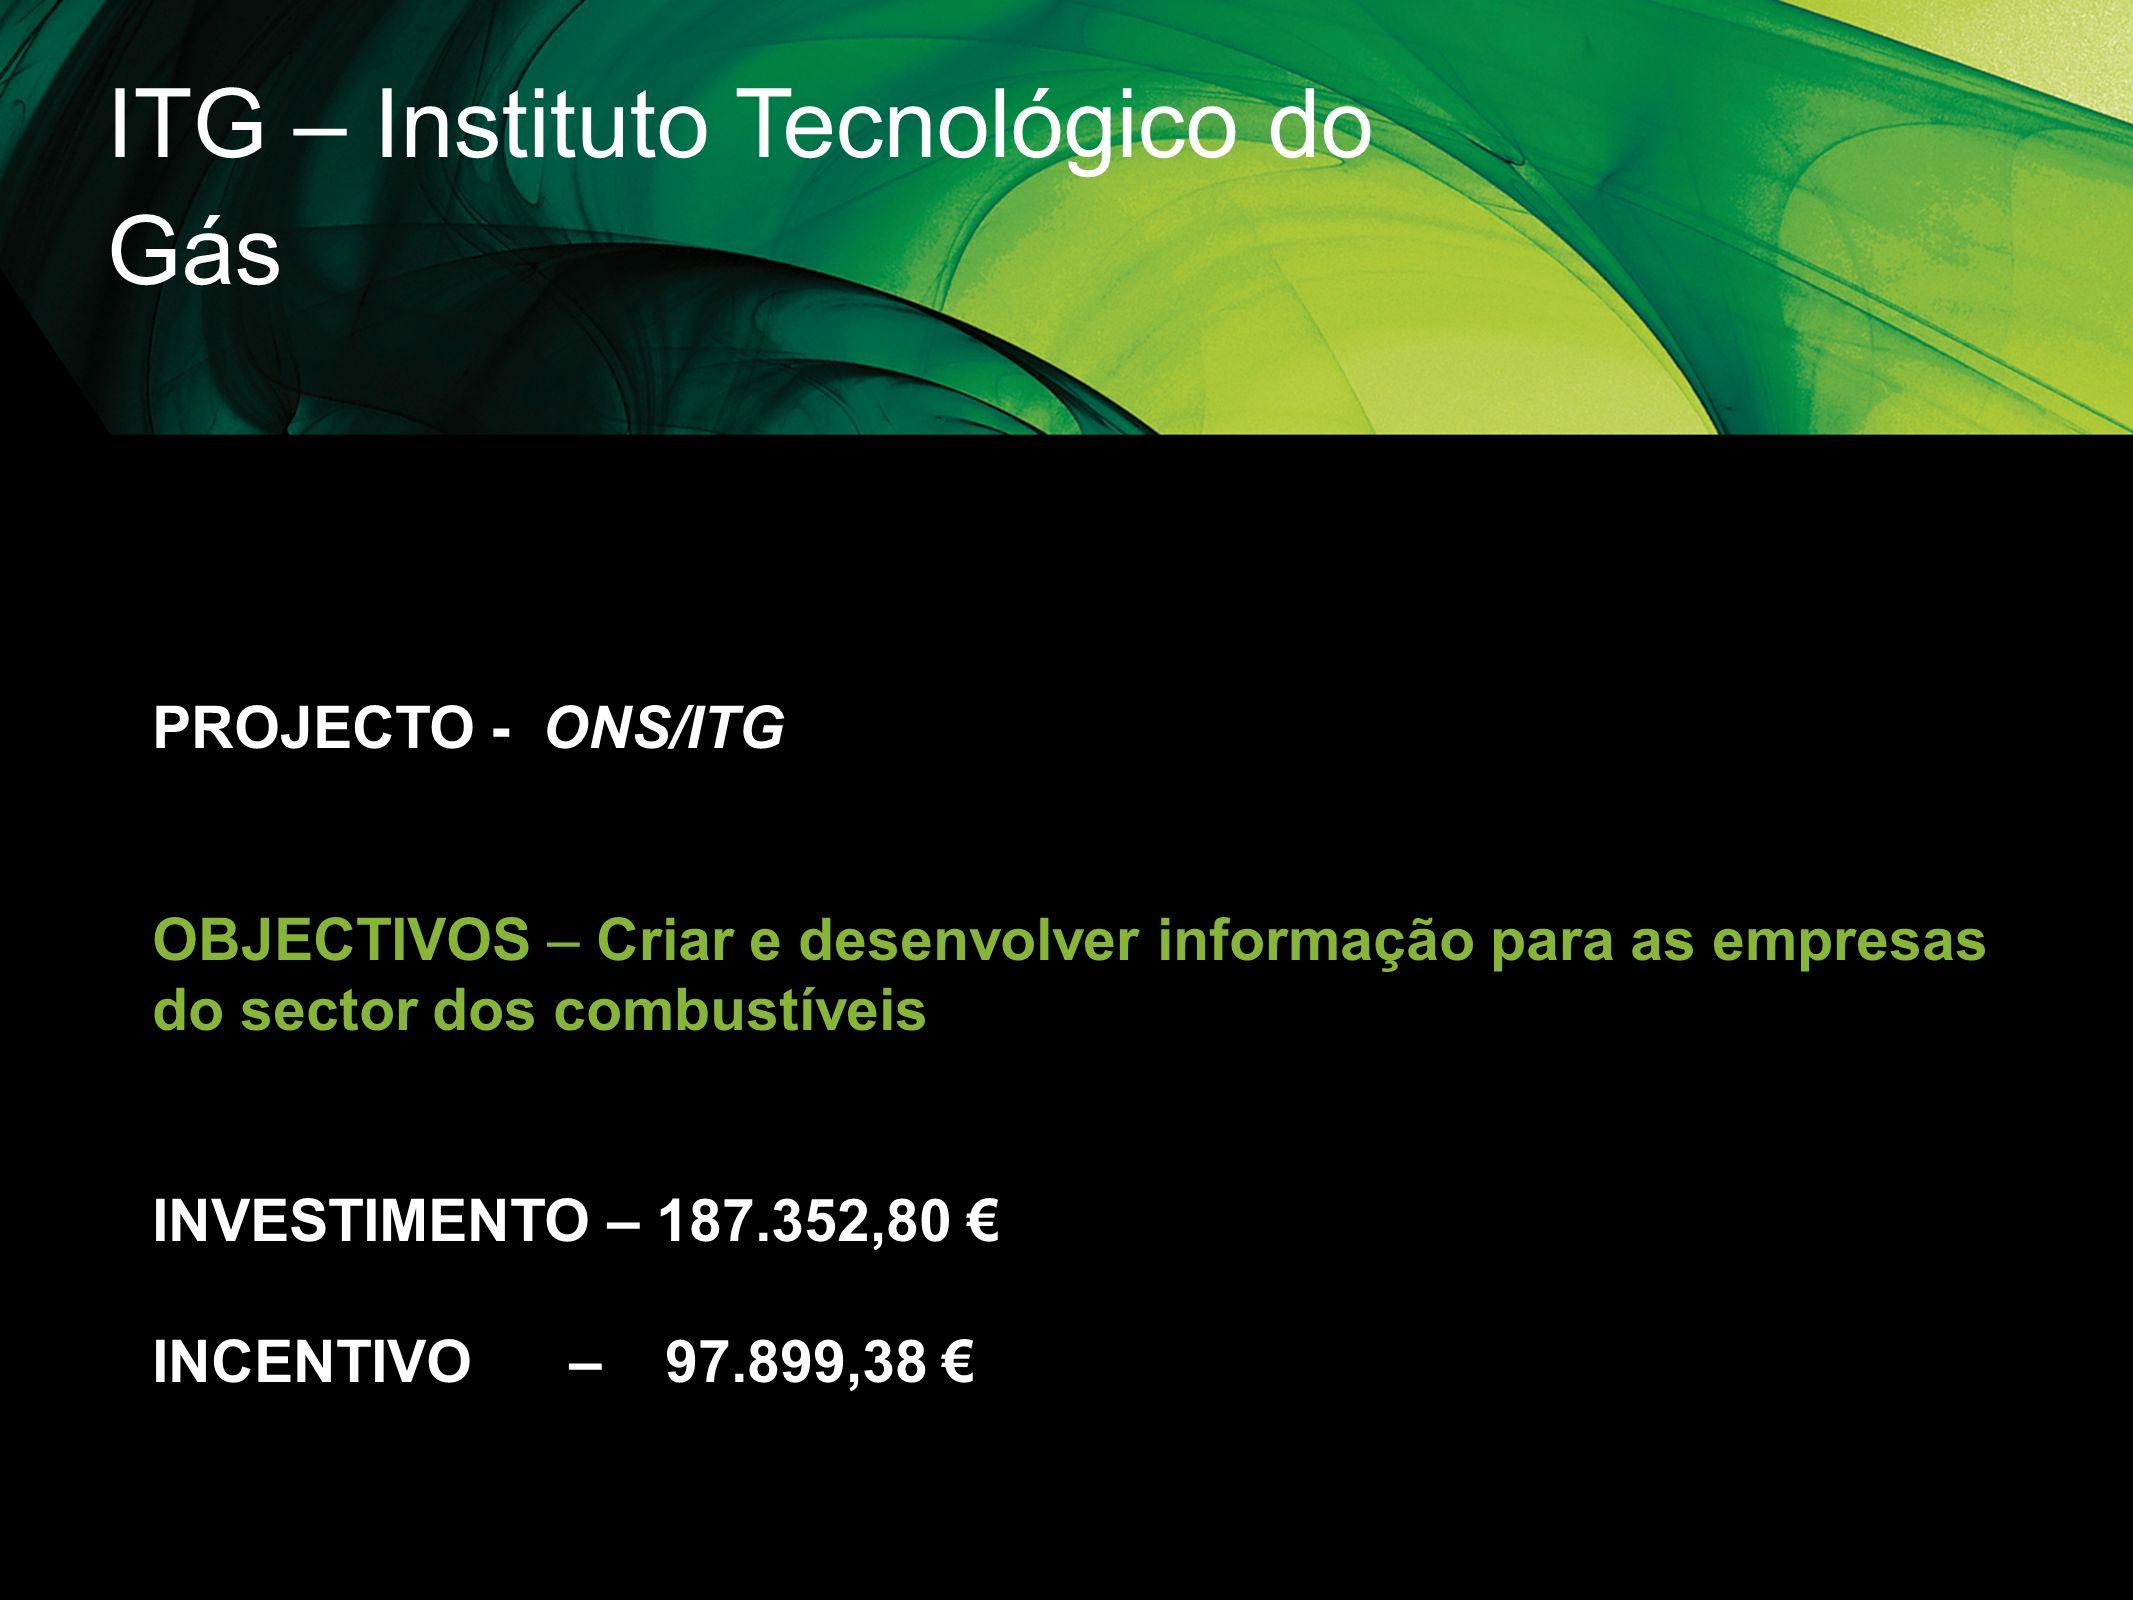 ITG – Instituto Tecnológico do Gás PROJECTO - ONS/ITG OBJECTIVOS – Criar e desenvolver informação para as empresas do sector dos combustíveis INVESTIM